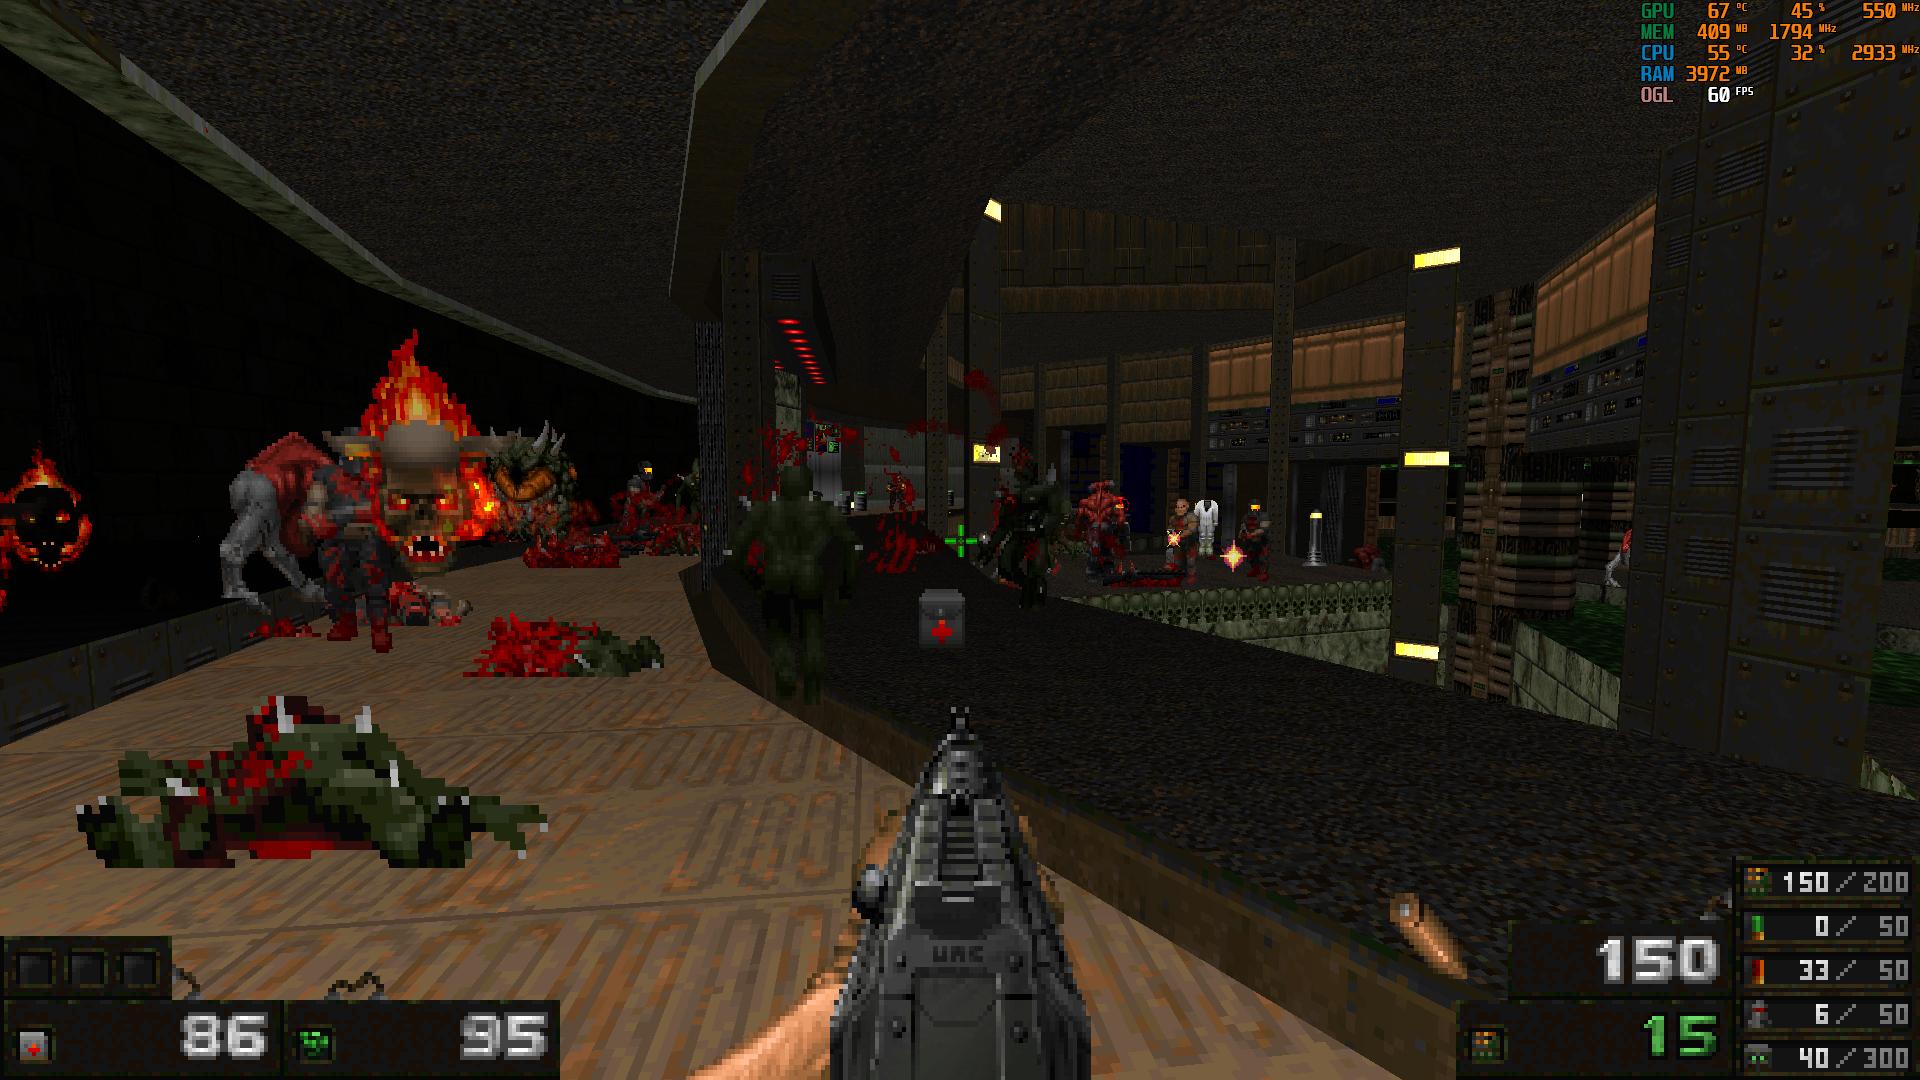 Screenshot_Doom_20190929_220249.png.5a77b46e7a2570da1dac3255d5d90f58.png